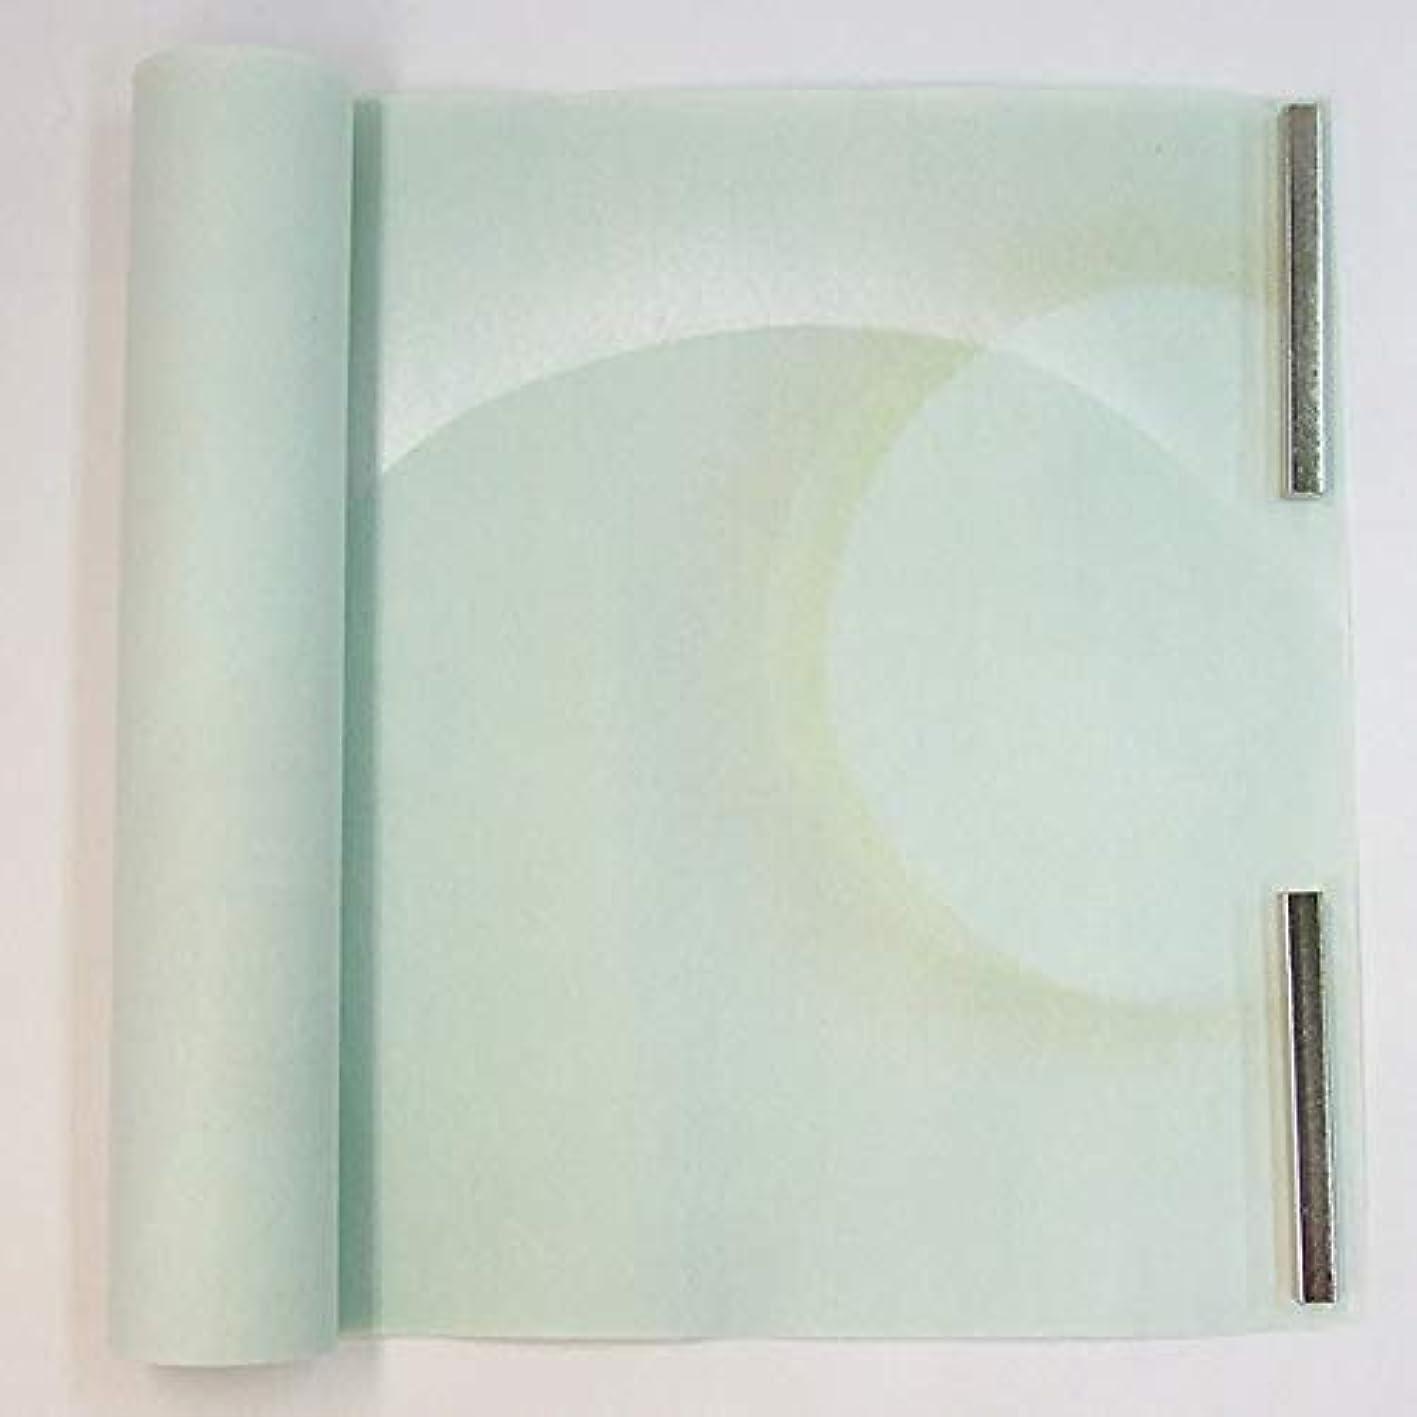 コック地球先のことを考える半切 楮紙 染 銀青色泥波紋ボカシ 銀砂子 青磁 10枚 仮名用 加工紙